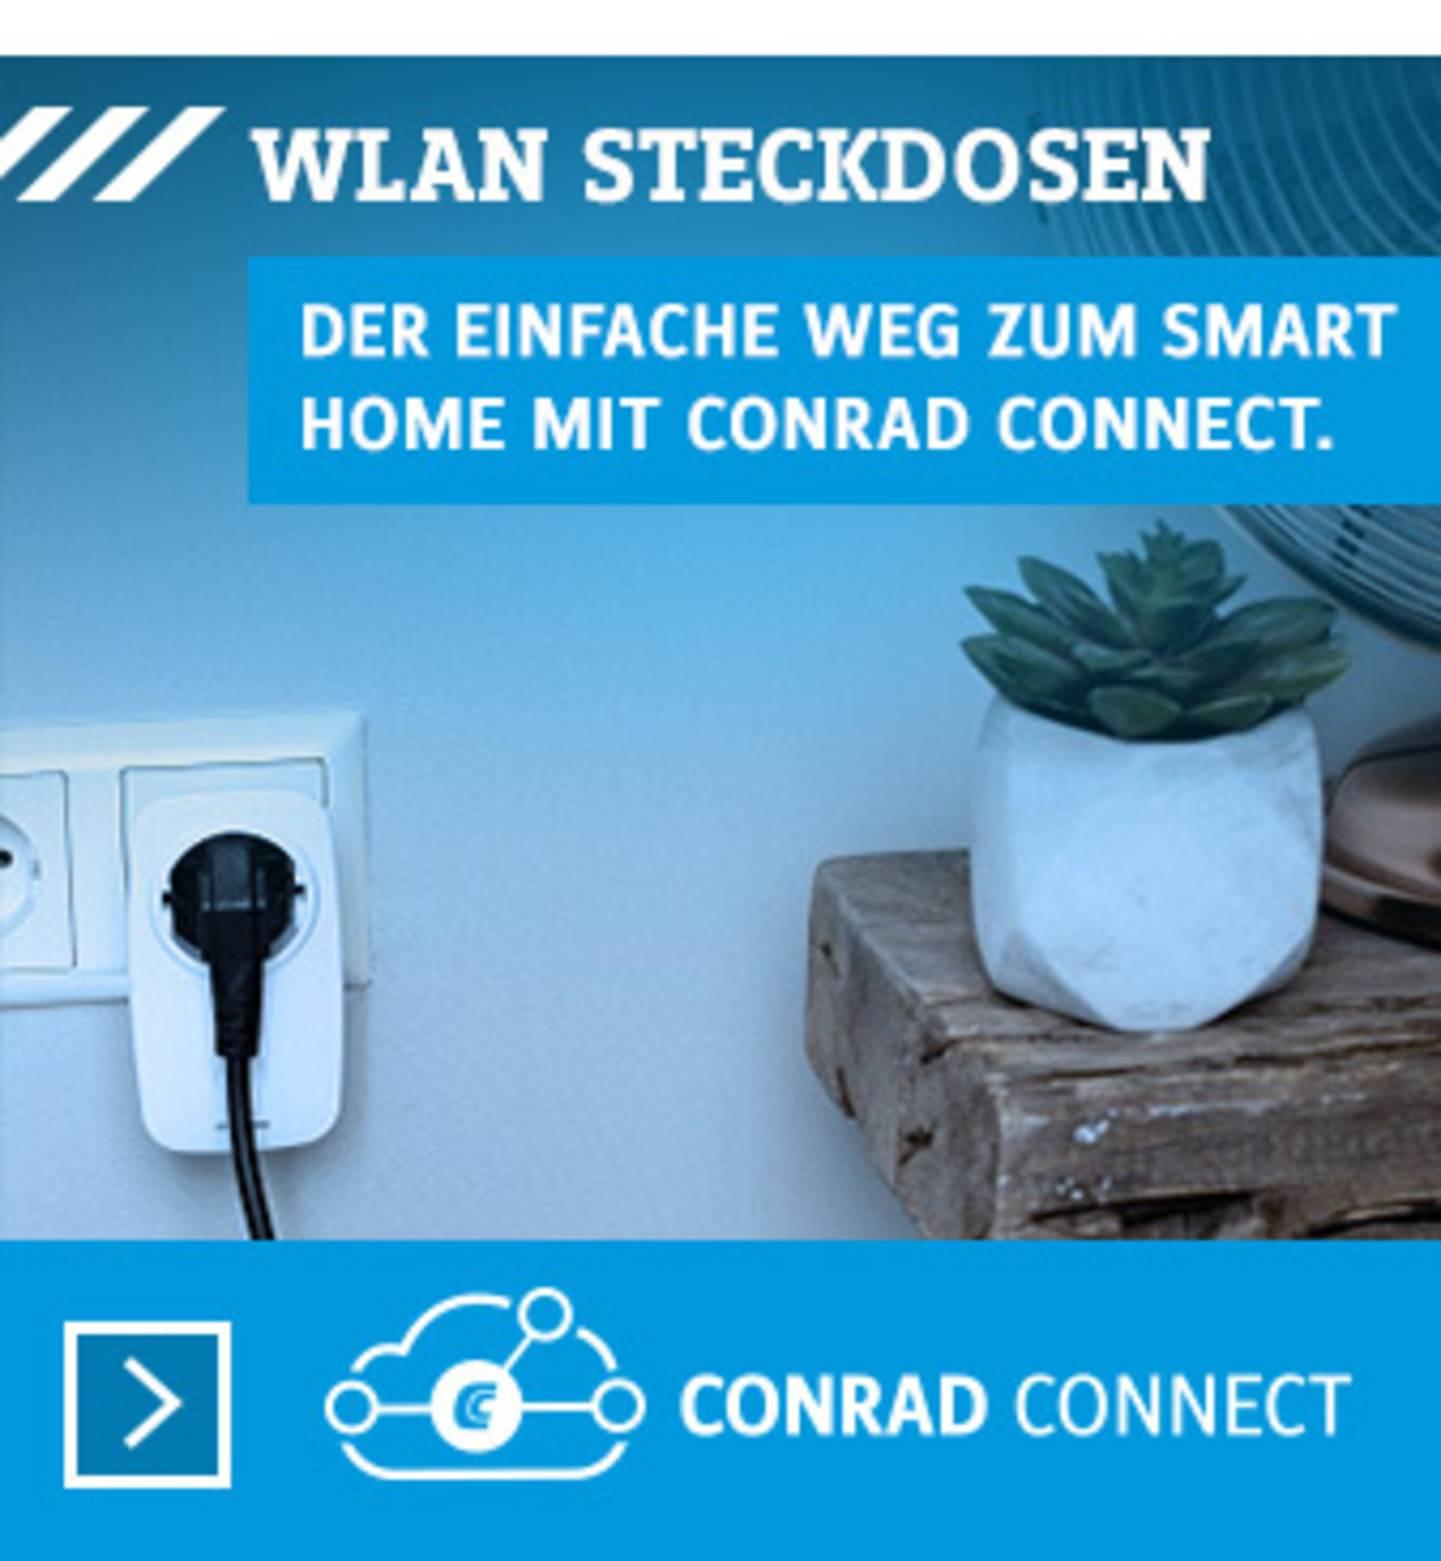 Conrad Connect: WLAN-Steckdosen